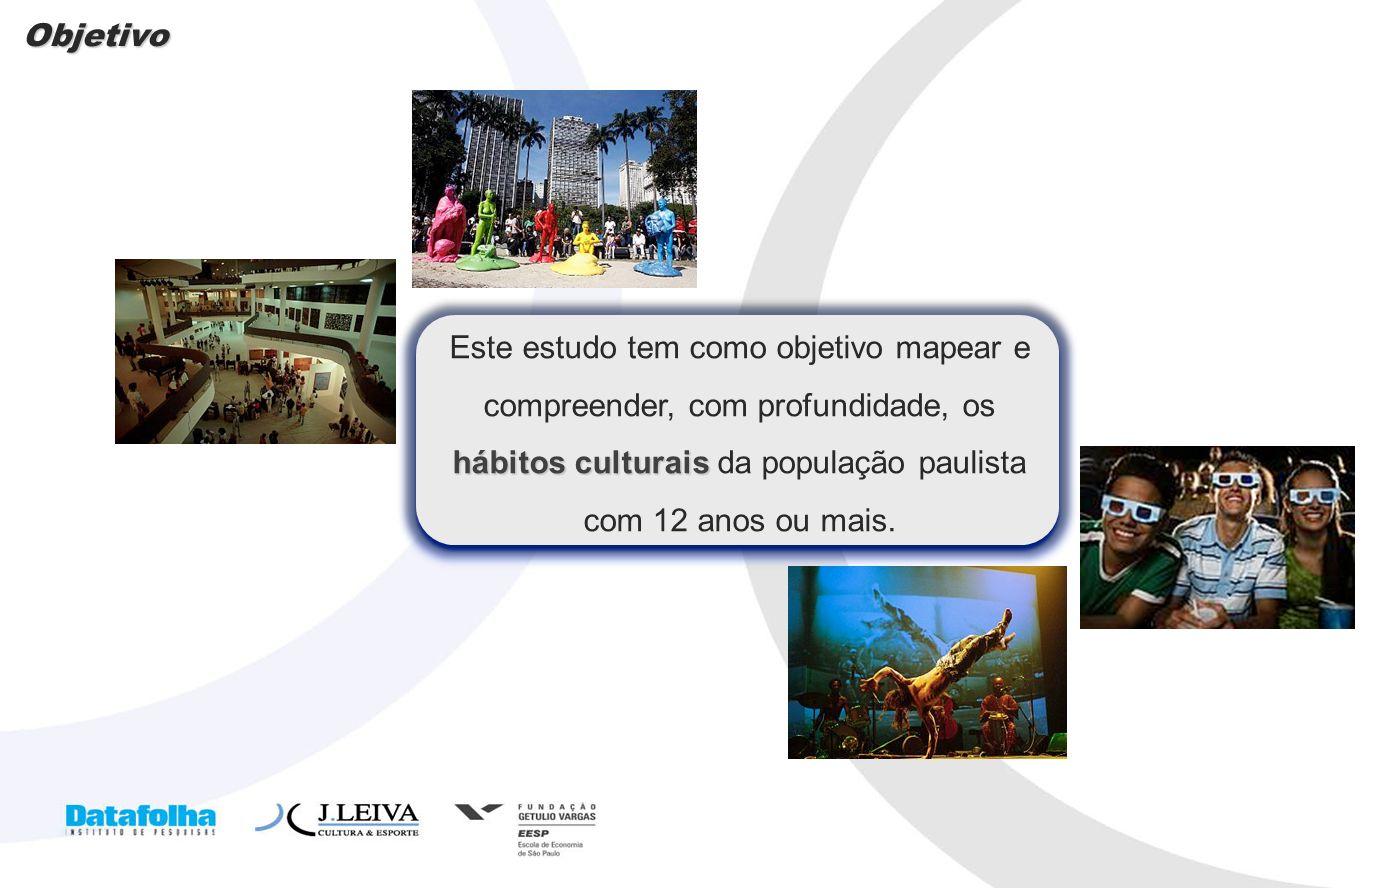 2 Objetivo hábitos culturais Este estudo tem como objetivo mapear e compreender, com profundidade, os hábitos culturais da população paulista com 12 a